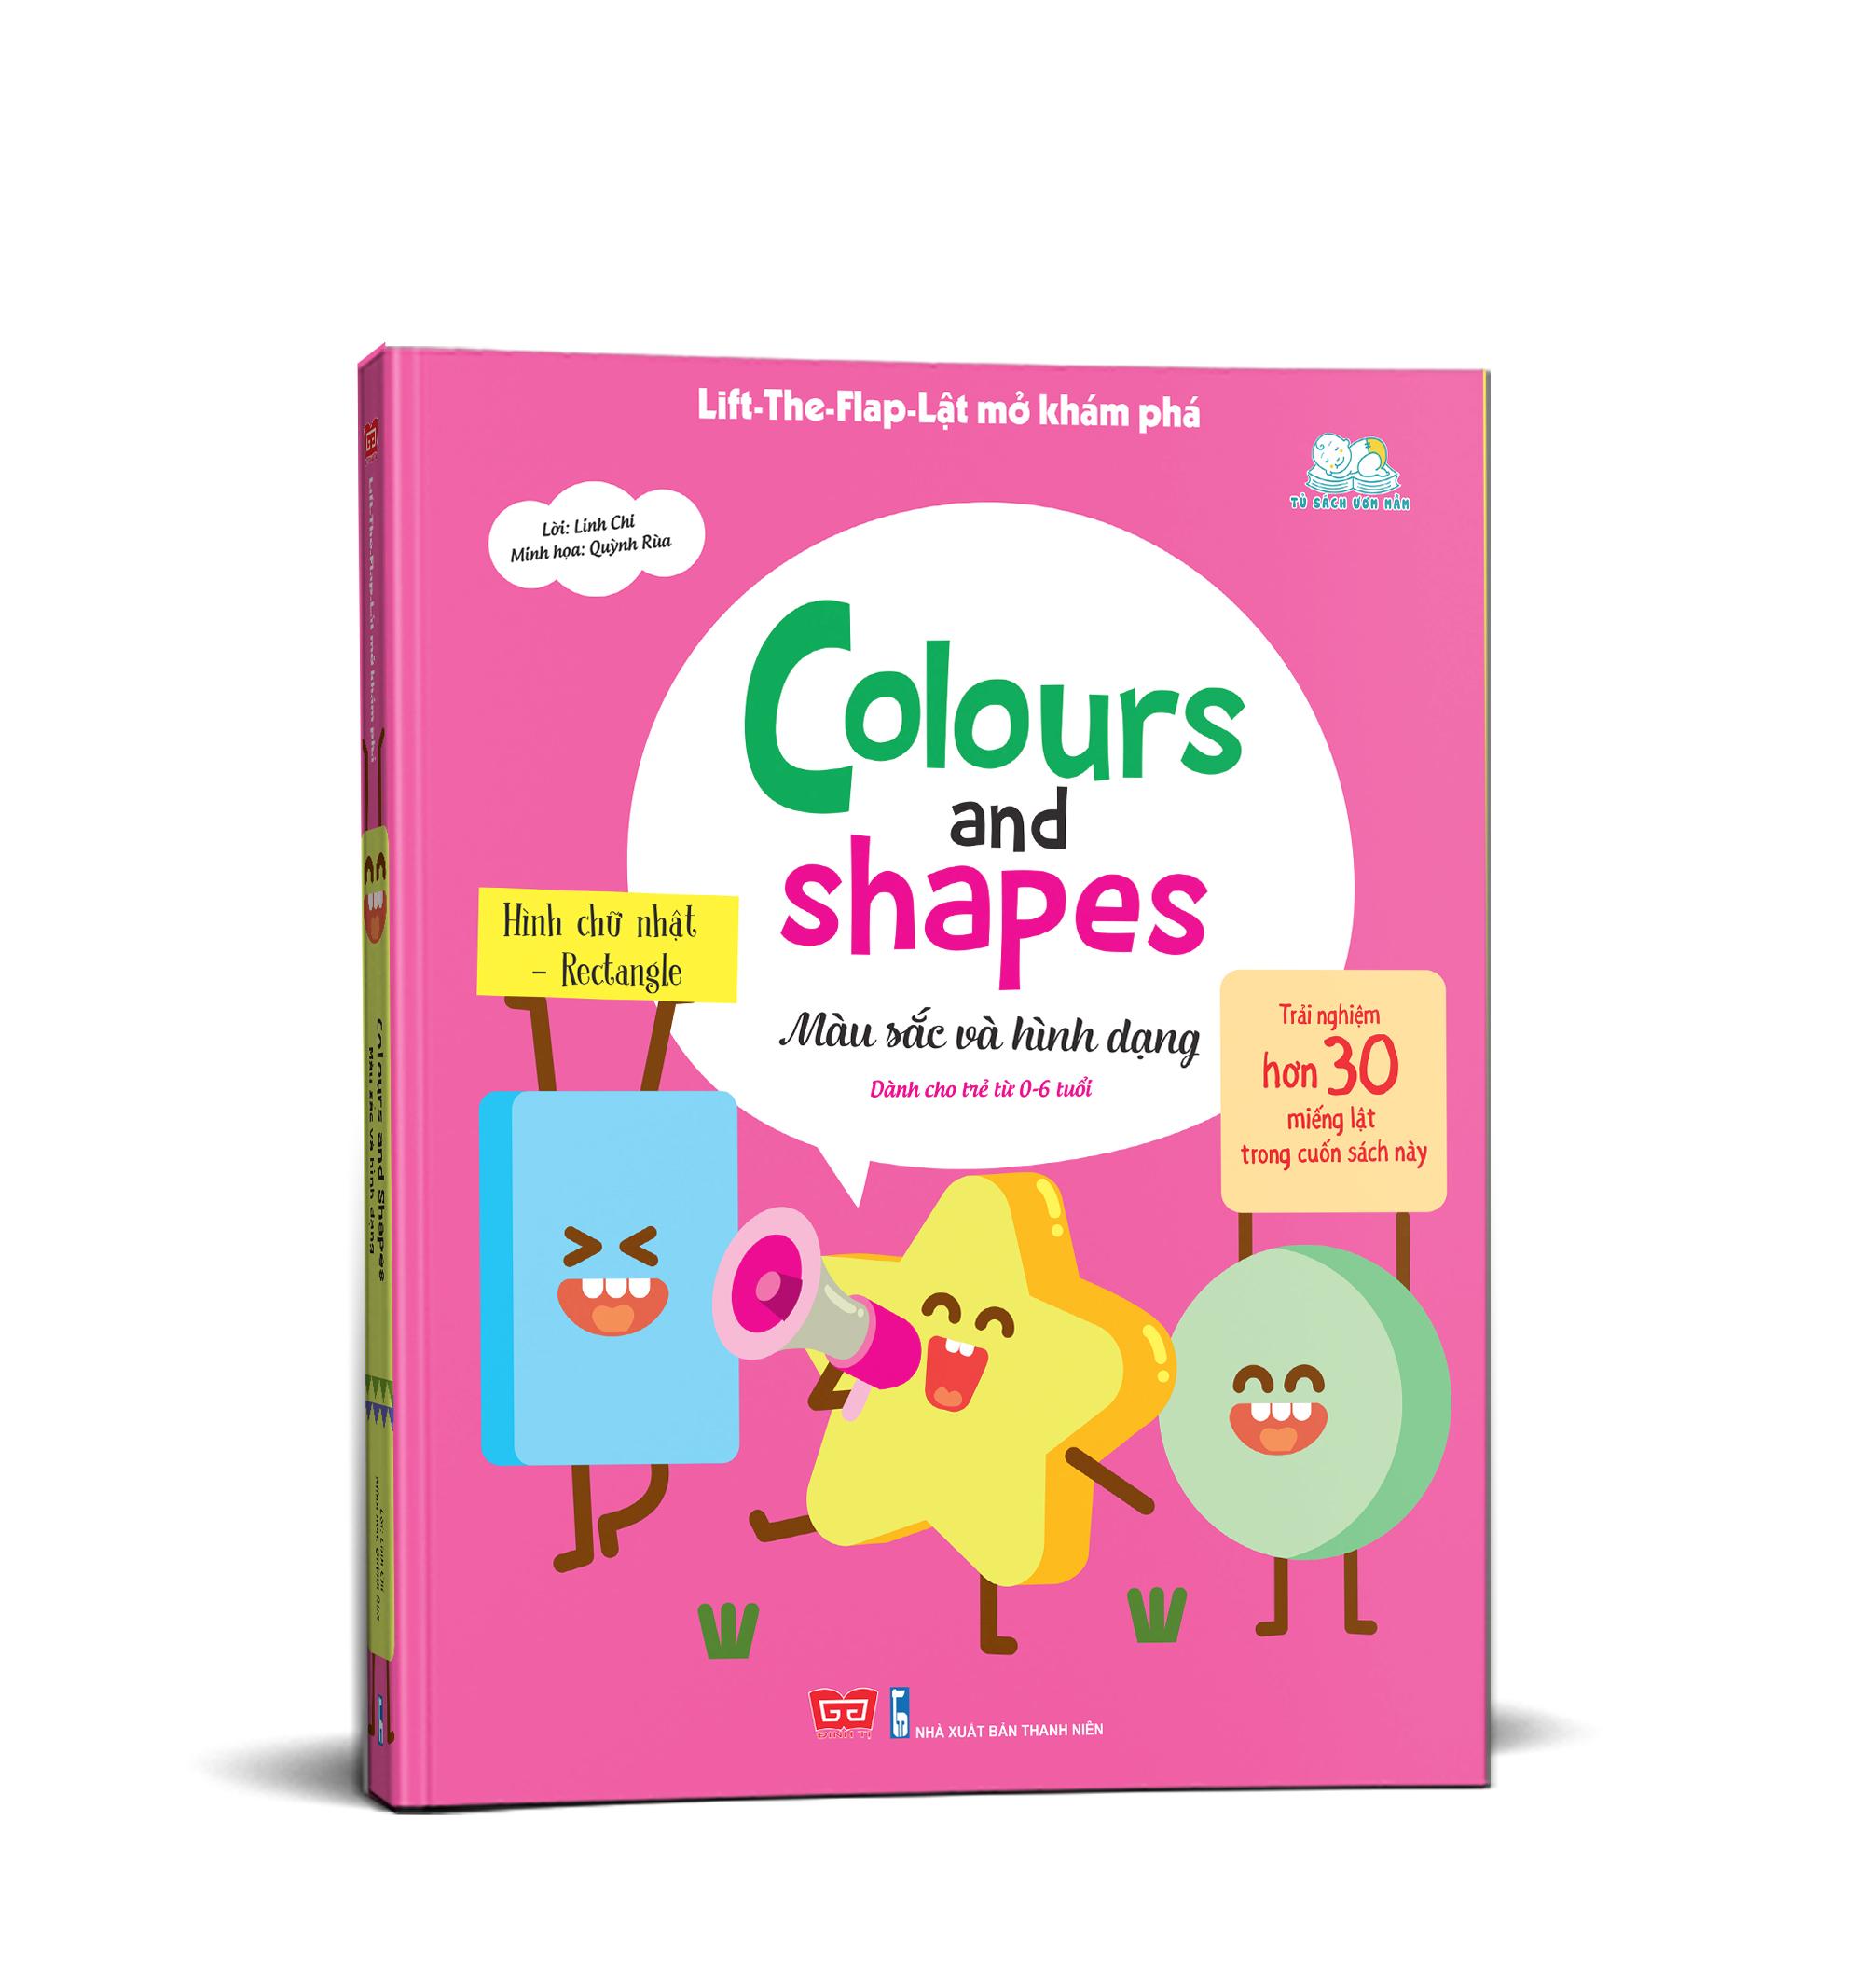 Lift-The-Flap - Lật mở khám phá - Colours and Shapes - Màu sắc và hình dạng